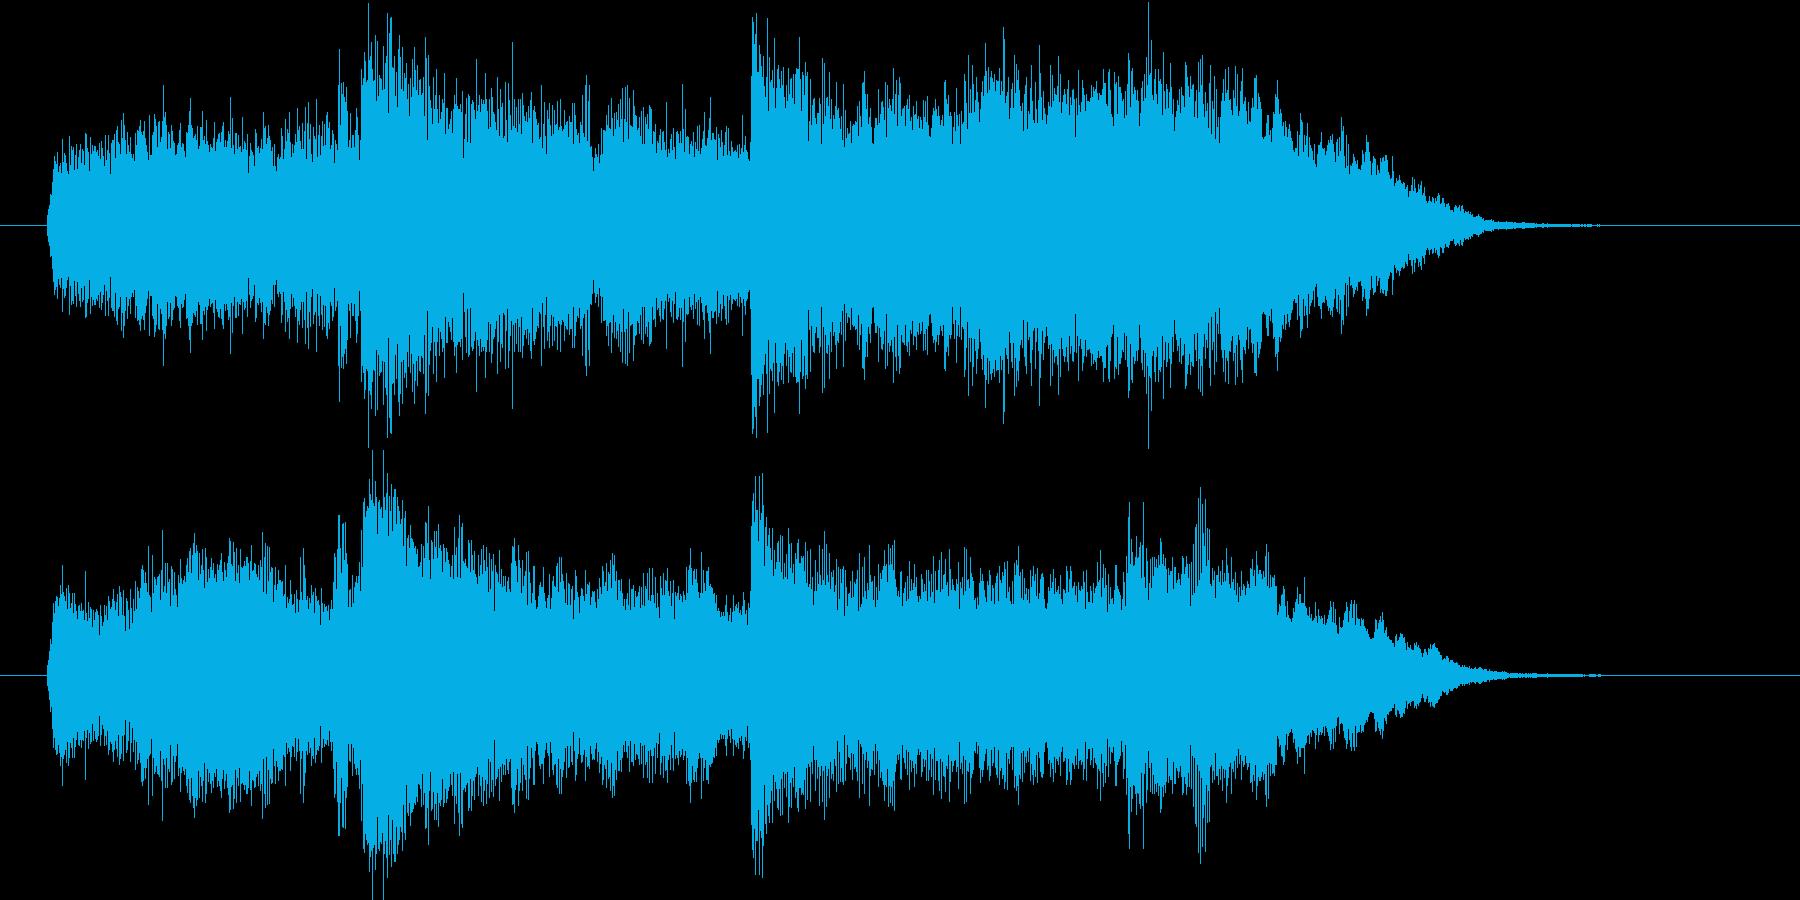 シンセによるシンプルなコード進行の楽曲の再生済みの波形